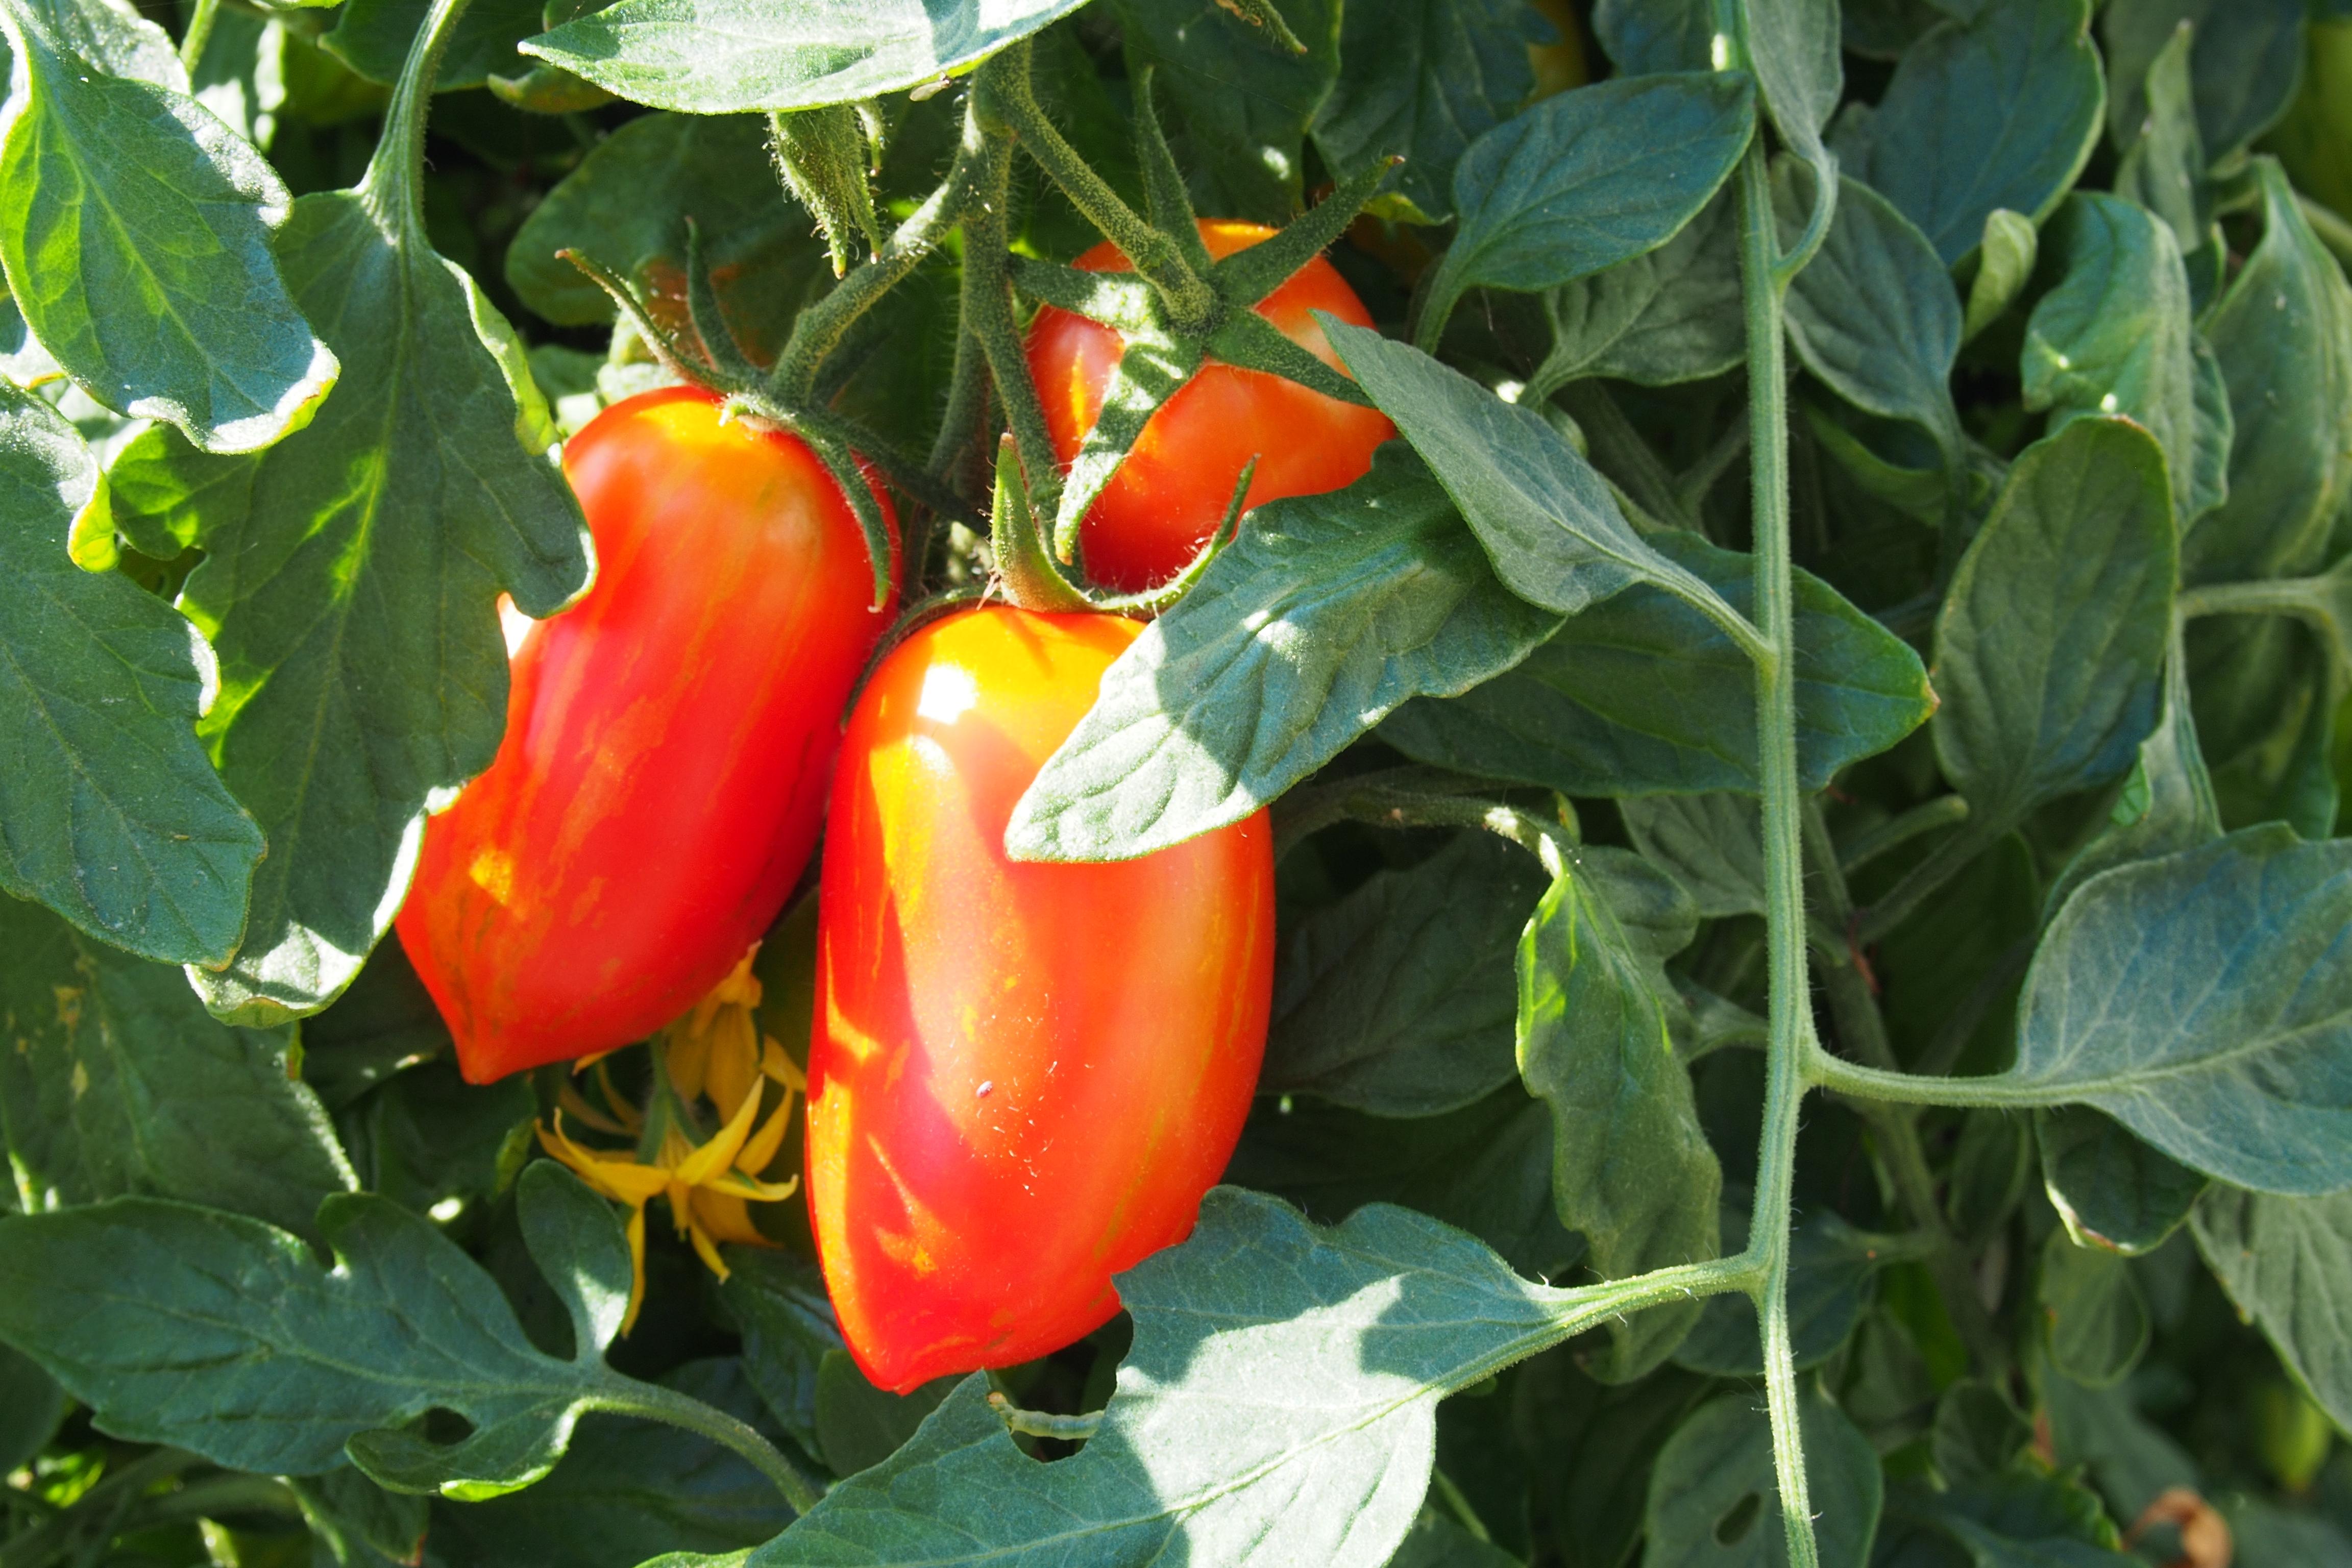 Fotos gratis : Fruta, flor, comida, Produce, vegetal, pimientos, Pimiento morrón, planta